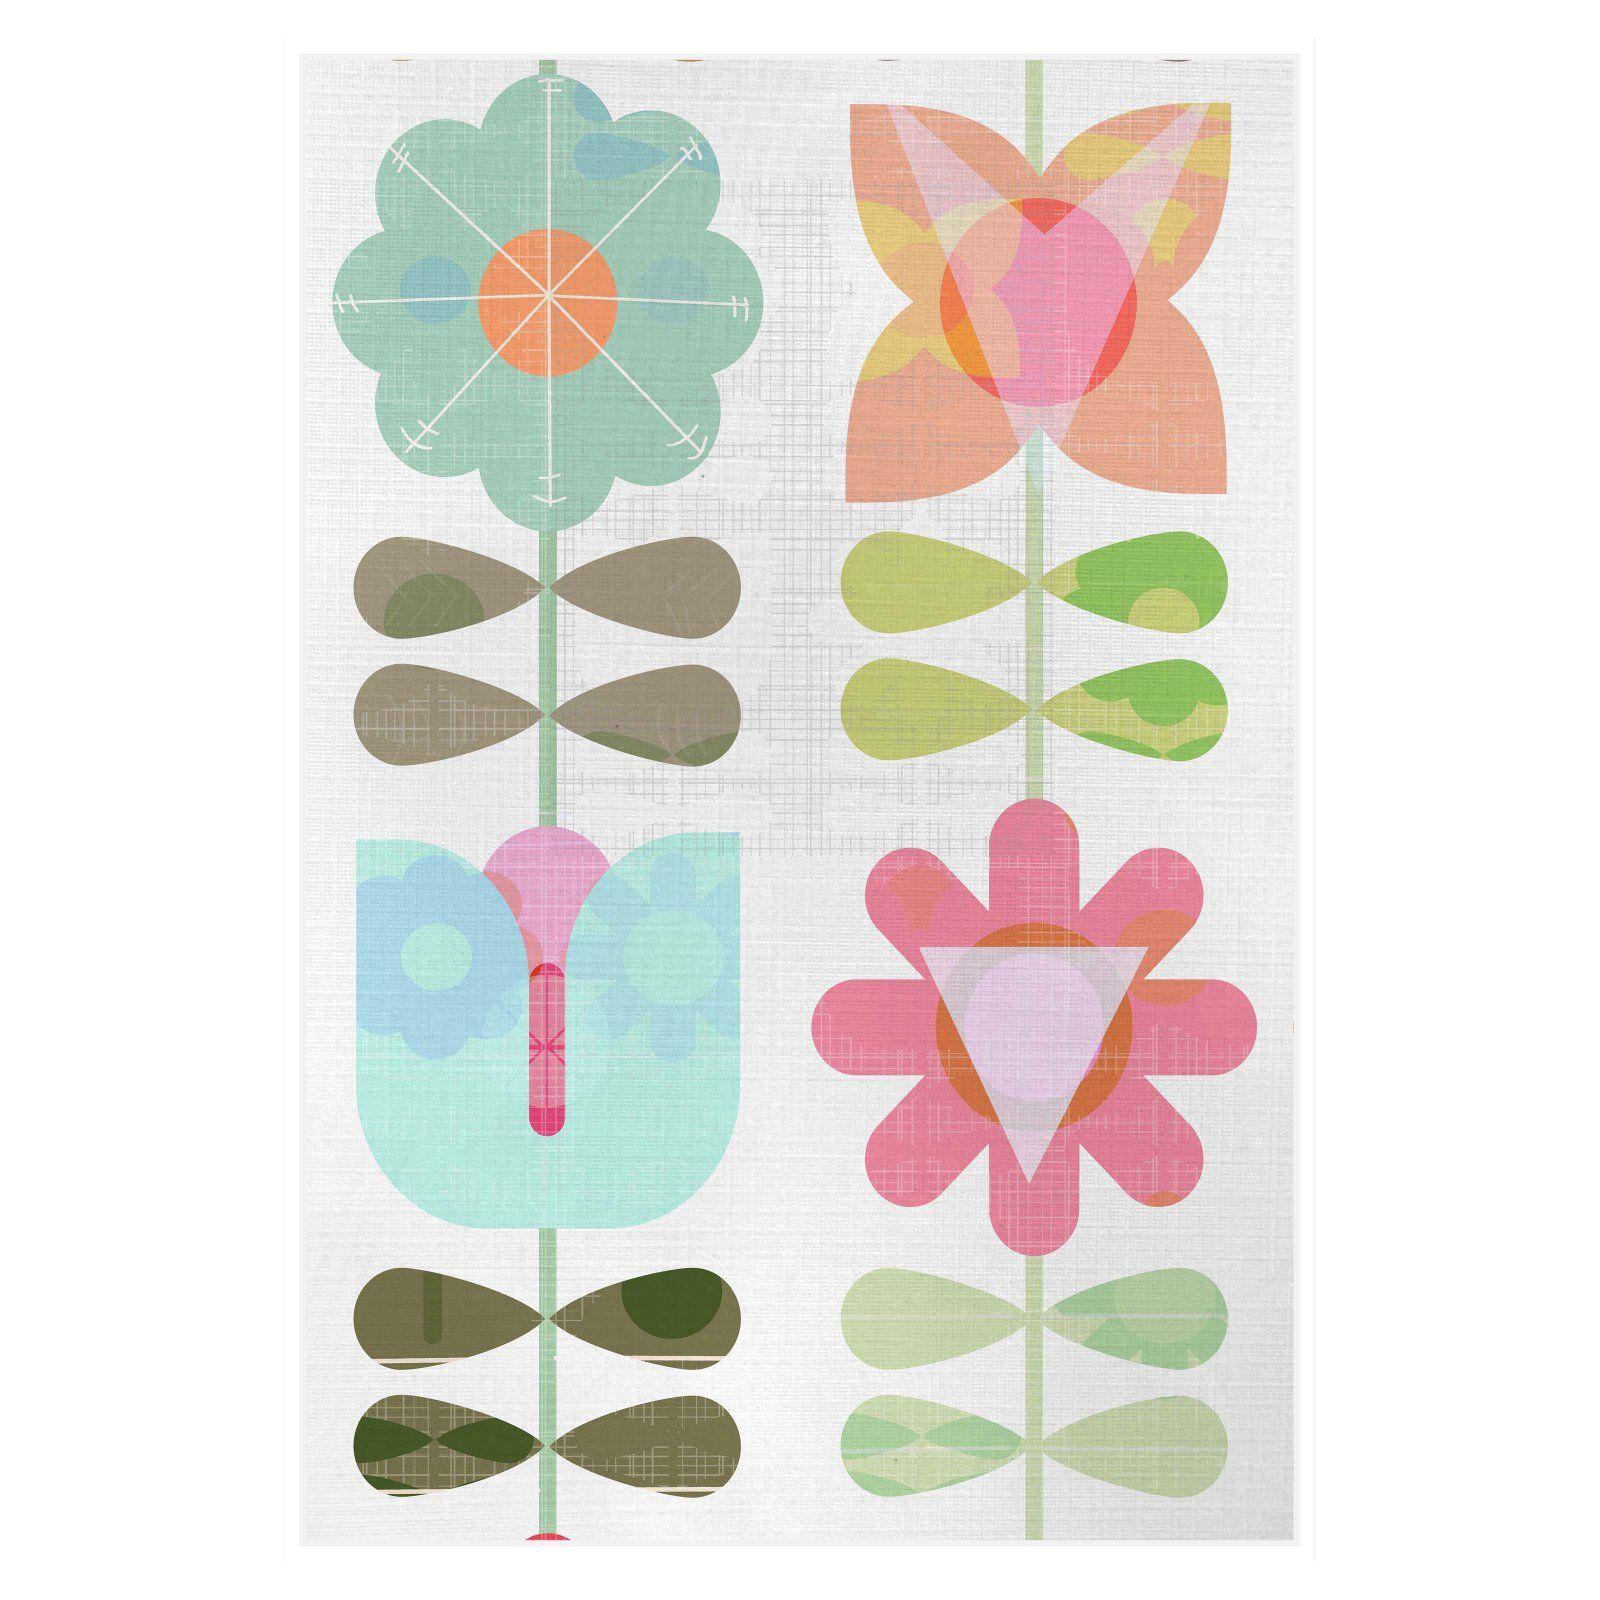 Ptm Images Paper Flower Iv Decorative Canvas Wall Art Wall Canvas Canvas Wall Art Image Paper